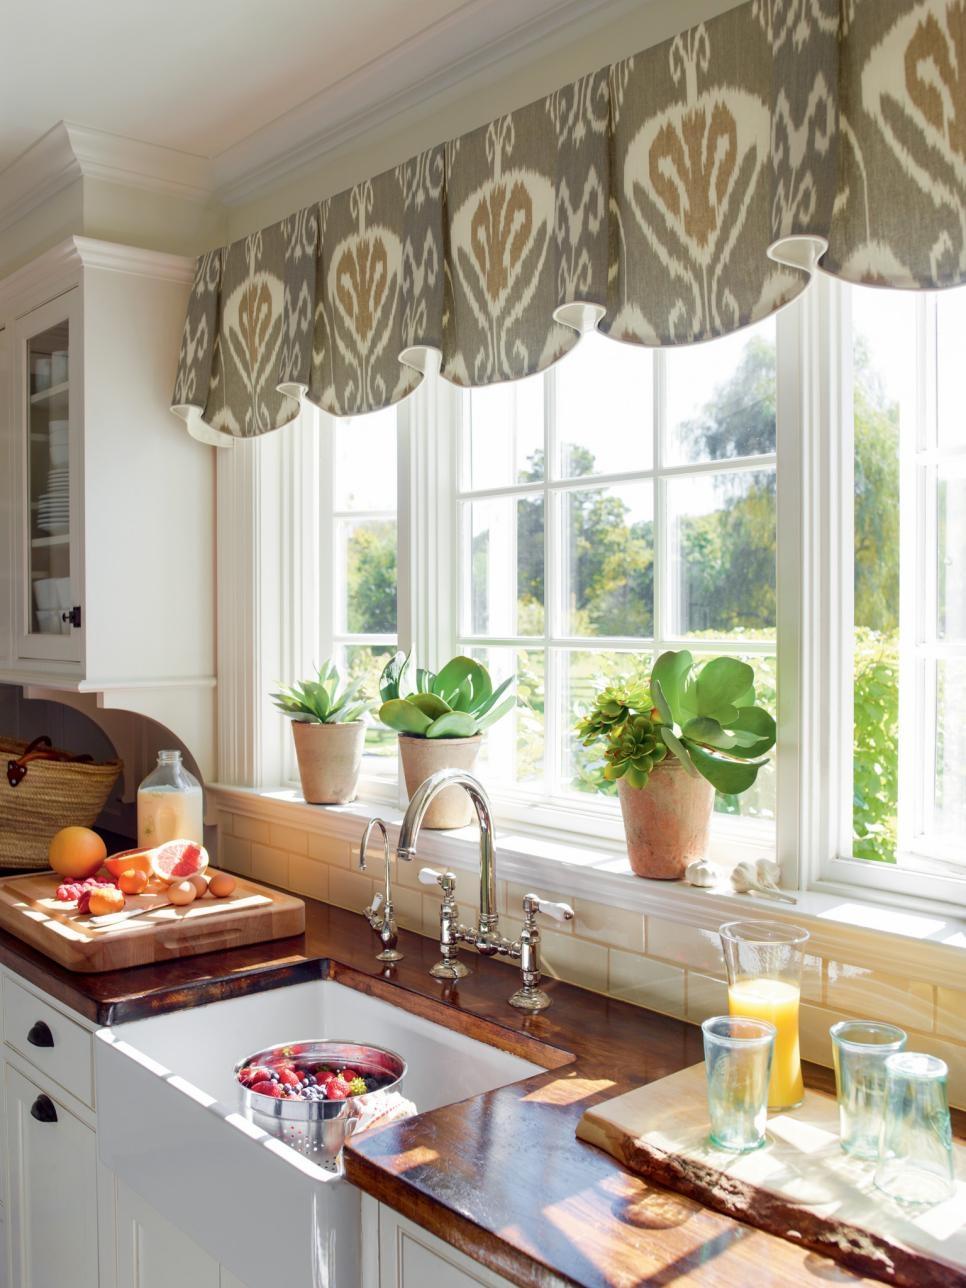 Bệ cửa sổ phòng bếp được đặt thêm chậu cây xanh mát mắt